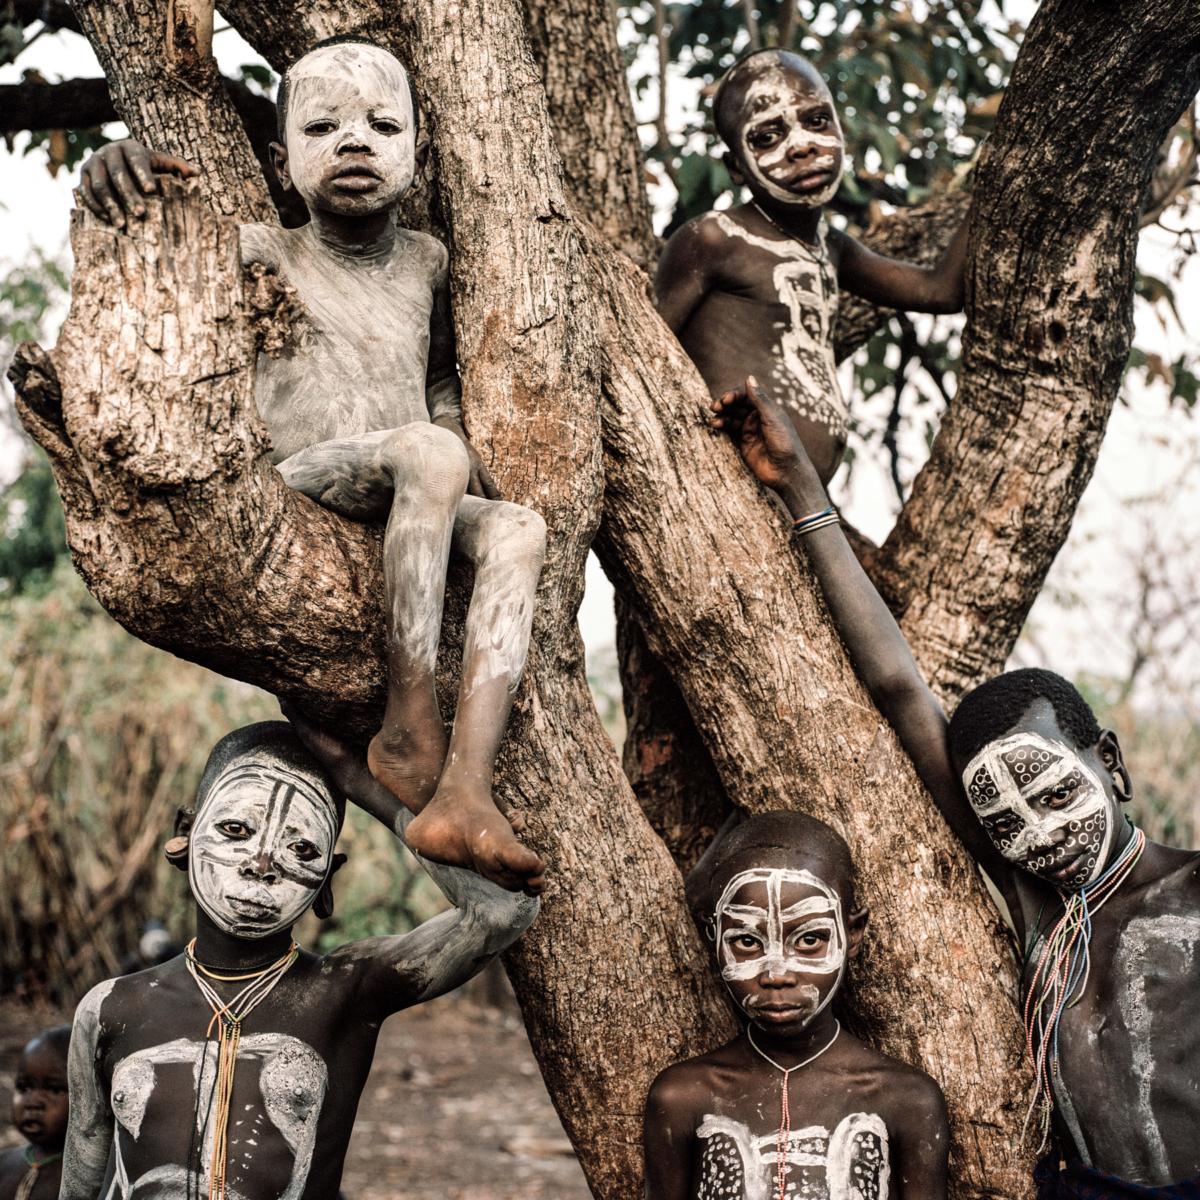 Surmas #12, Ethiopie, 2011 Photographie Fine Art print sur papier Hahnemühle 100 x 100 cm, SG-SU12 ©Stephan Gladieu